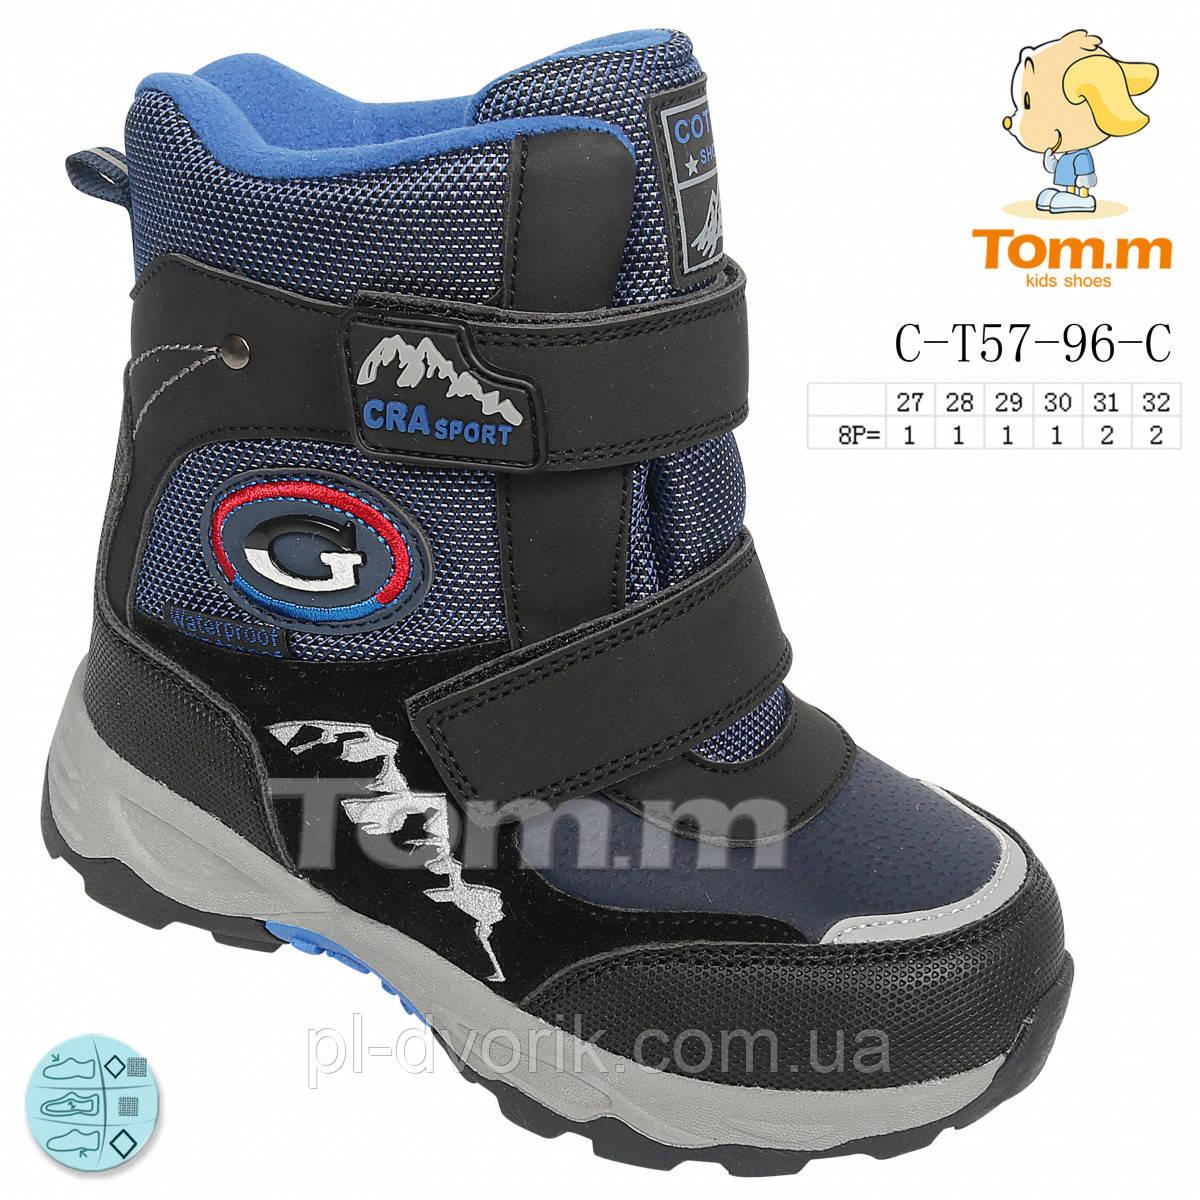 Термо  5796 Tom.M /  Размер 27. 28.29Цвет синий   Бренд Tom.M  Производитель Китай  Материал верха Искусс